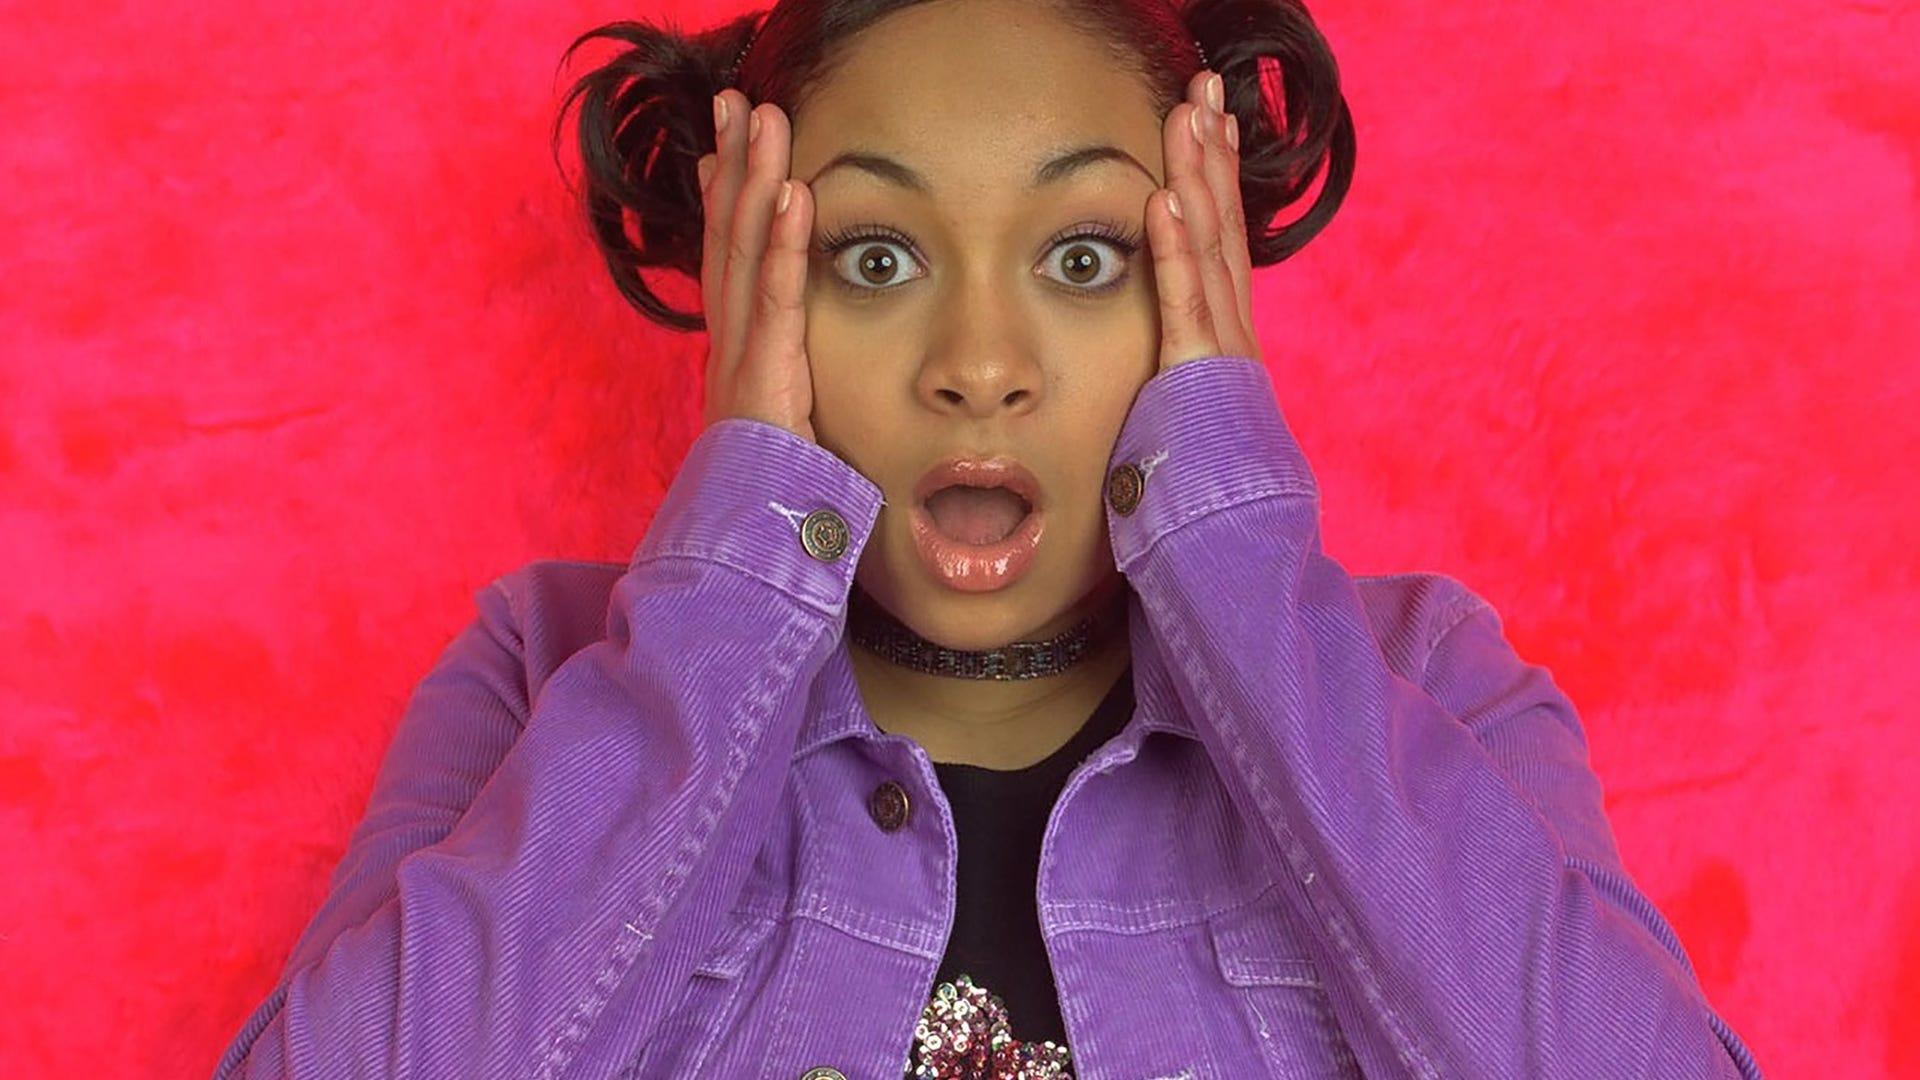 Raven Symoné, That's So Raven